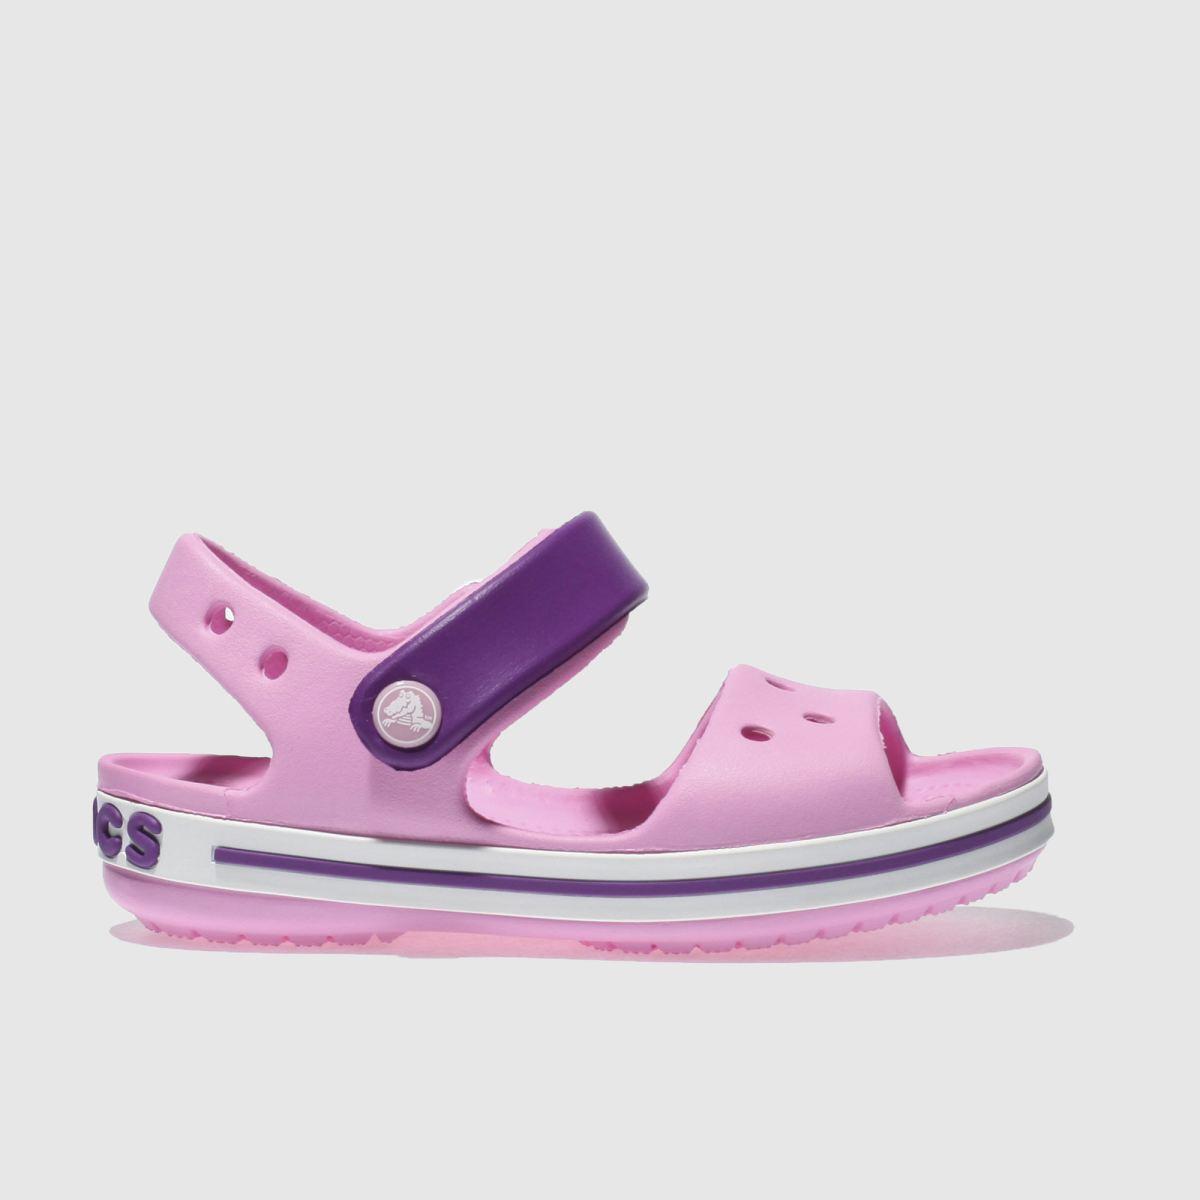 Crocs Crocs Pale Pink Crocband Sandal Girls Toddler Sandals